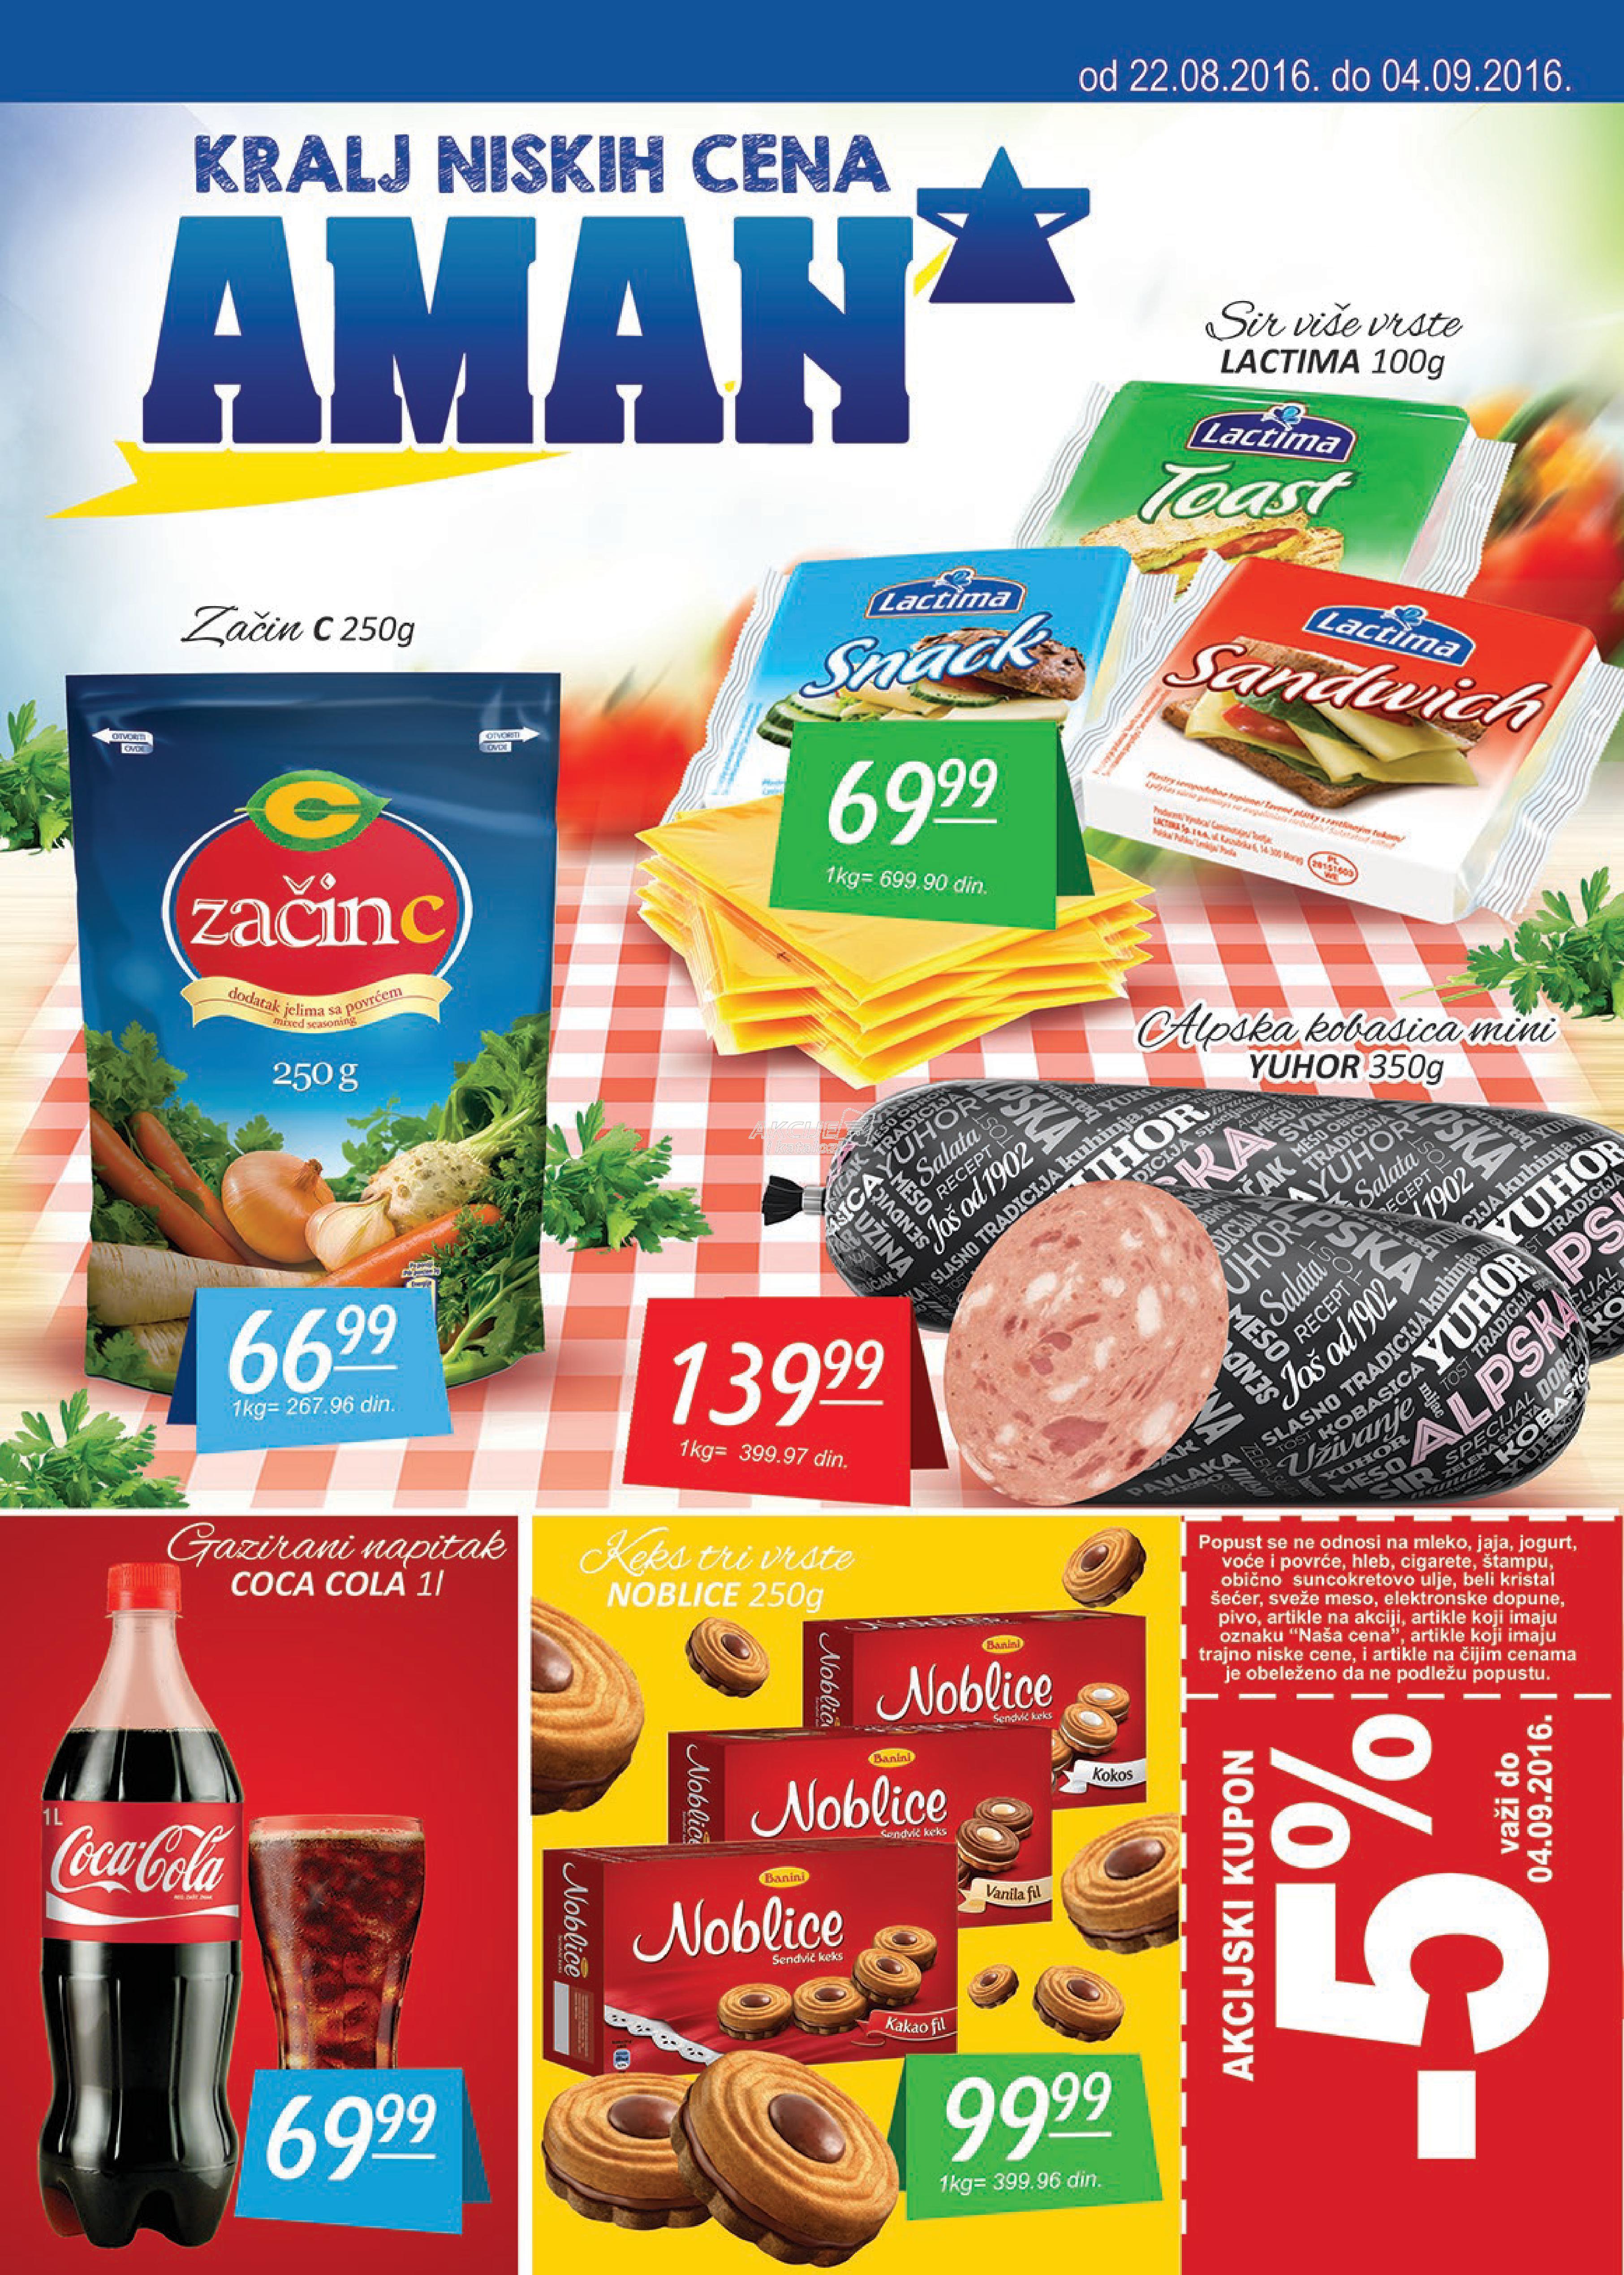 Aman - Redovna akcija super cena